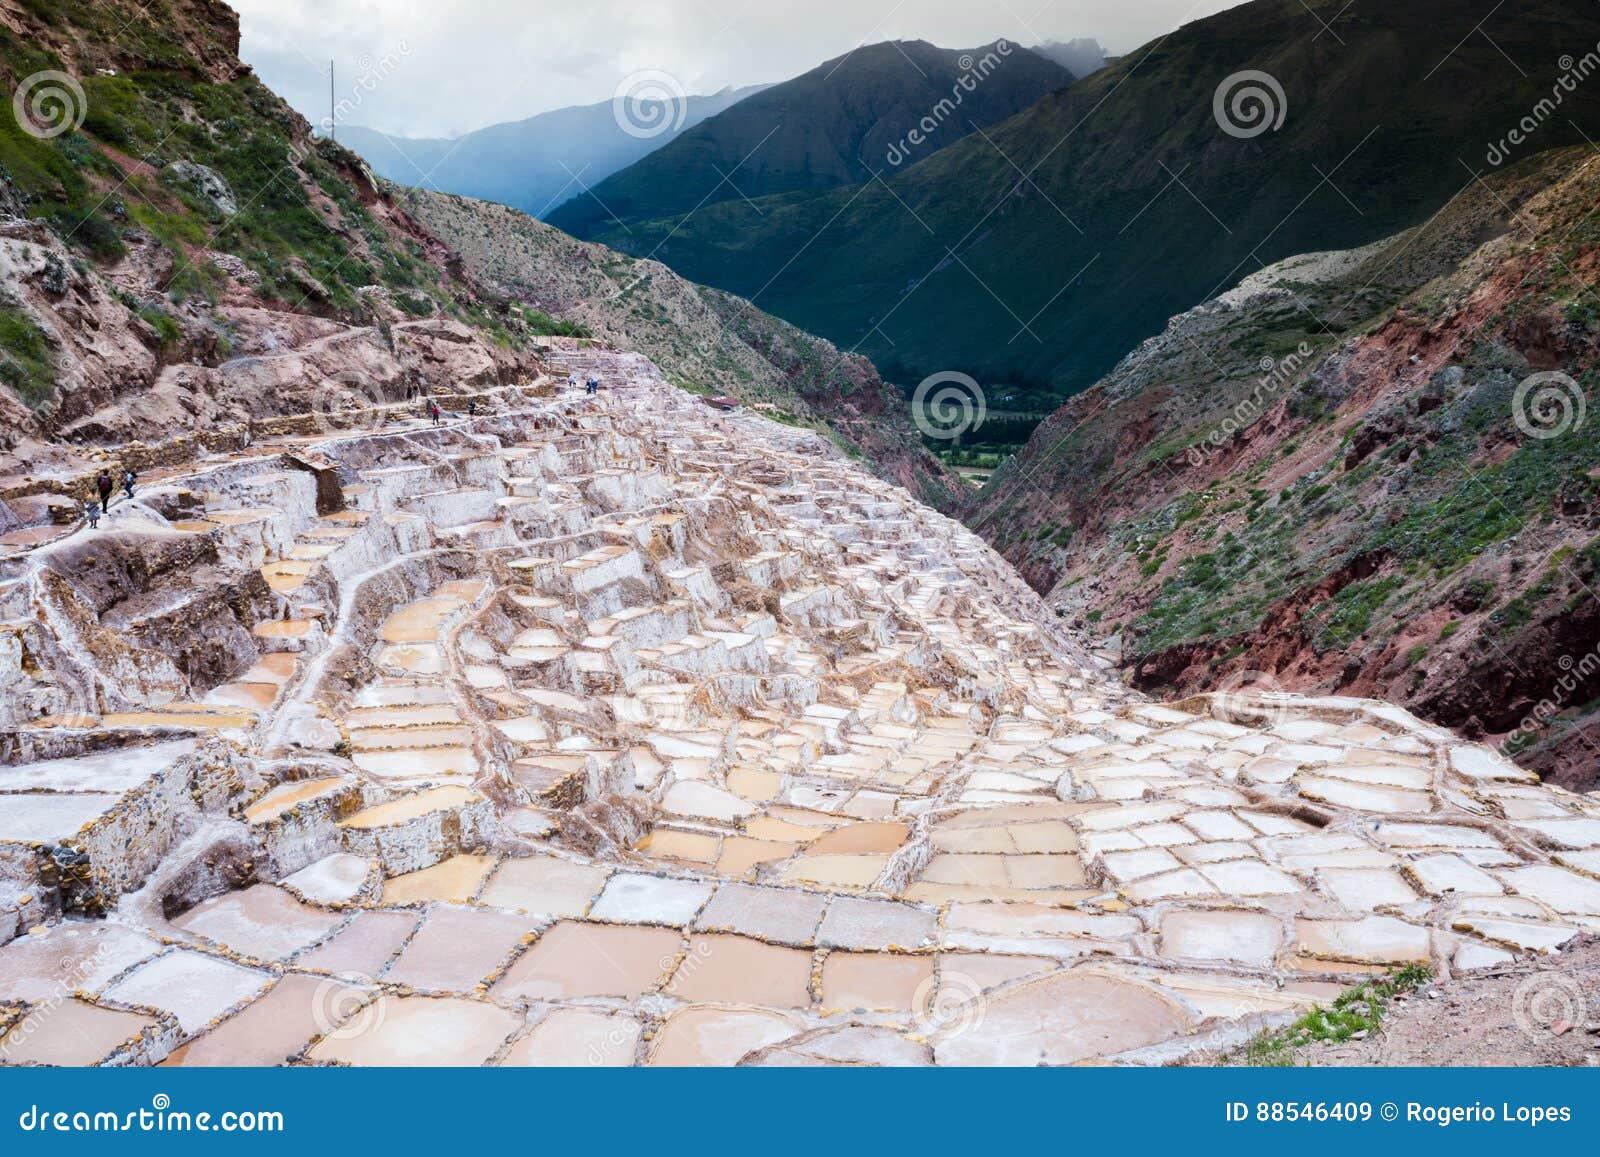 Minas de sal, Peru